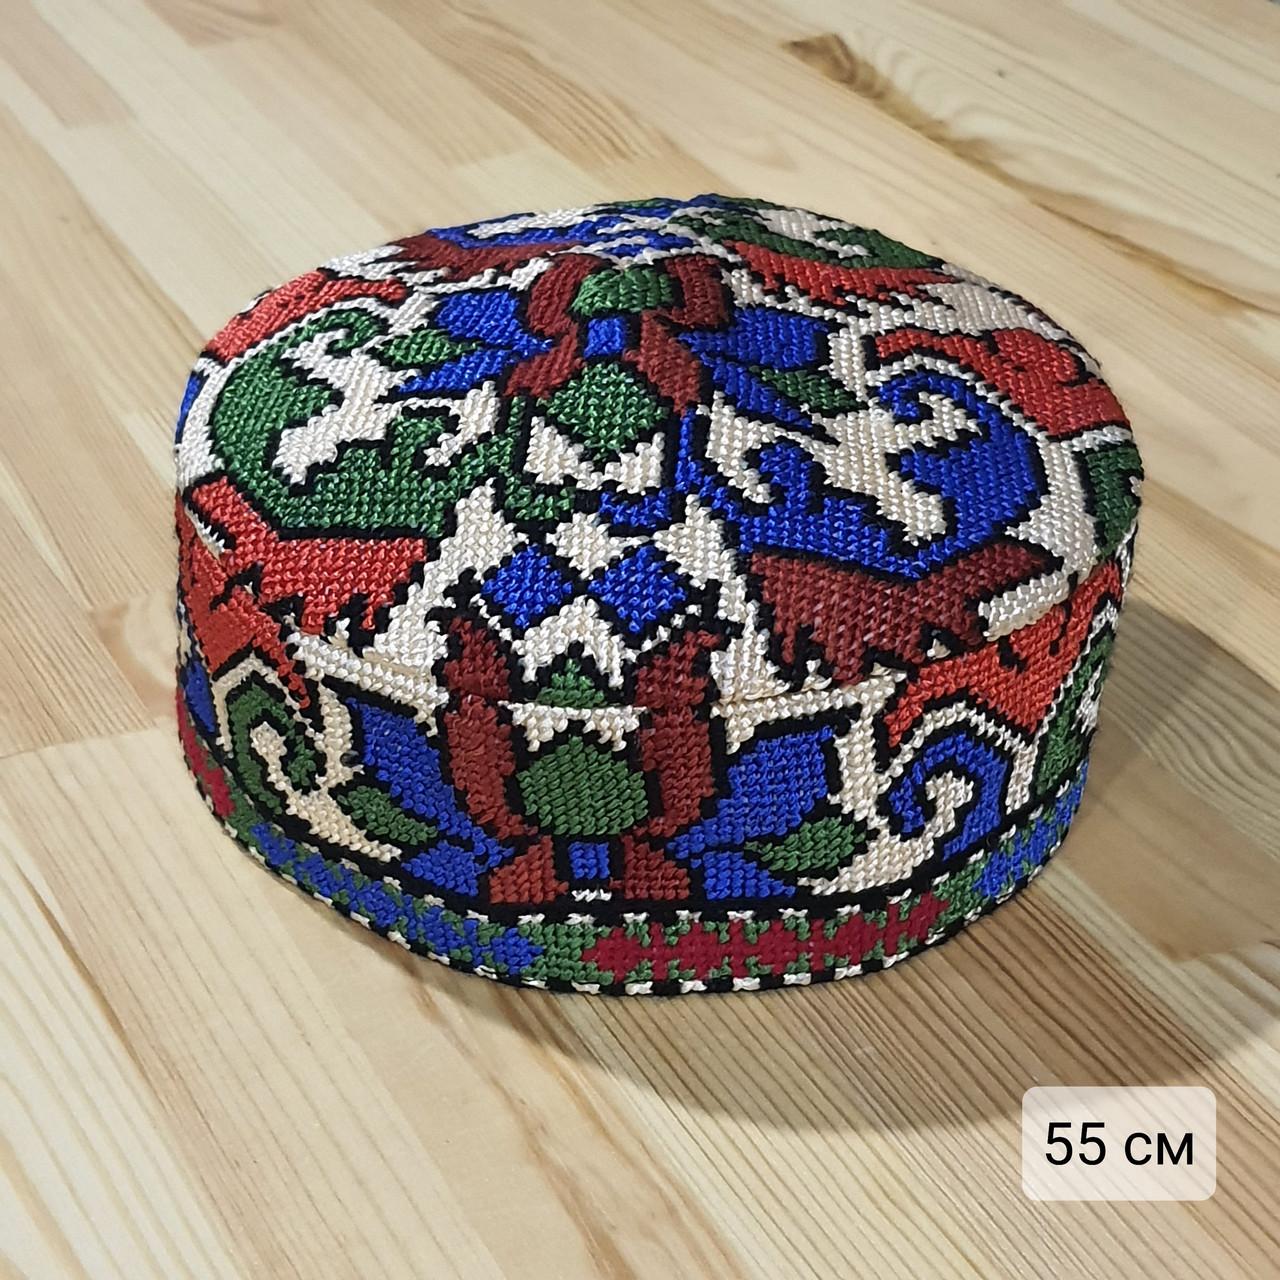 Узбекская тюбетейка 55 см. Ручная вышивка. Узбекистан (55_5)